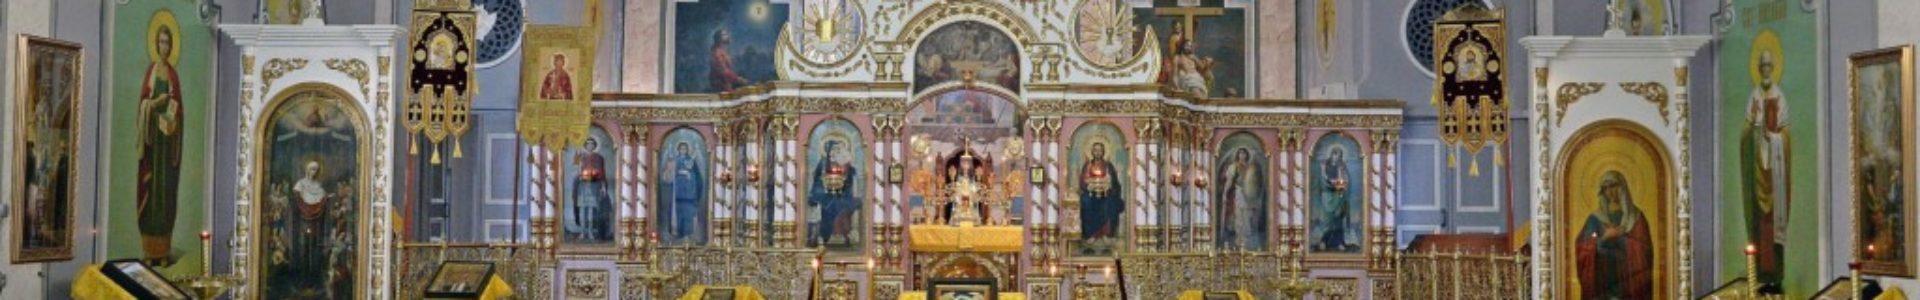 Кафедральный собор святителя Николая Чудотворца город Ейска